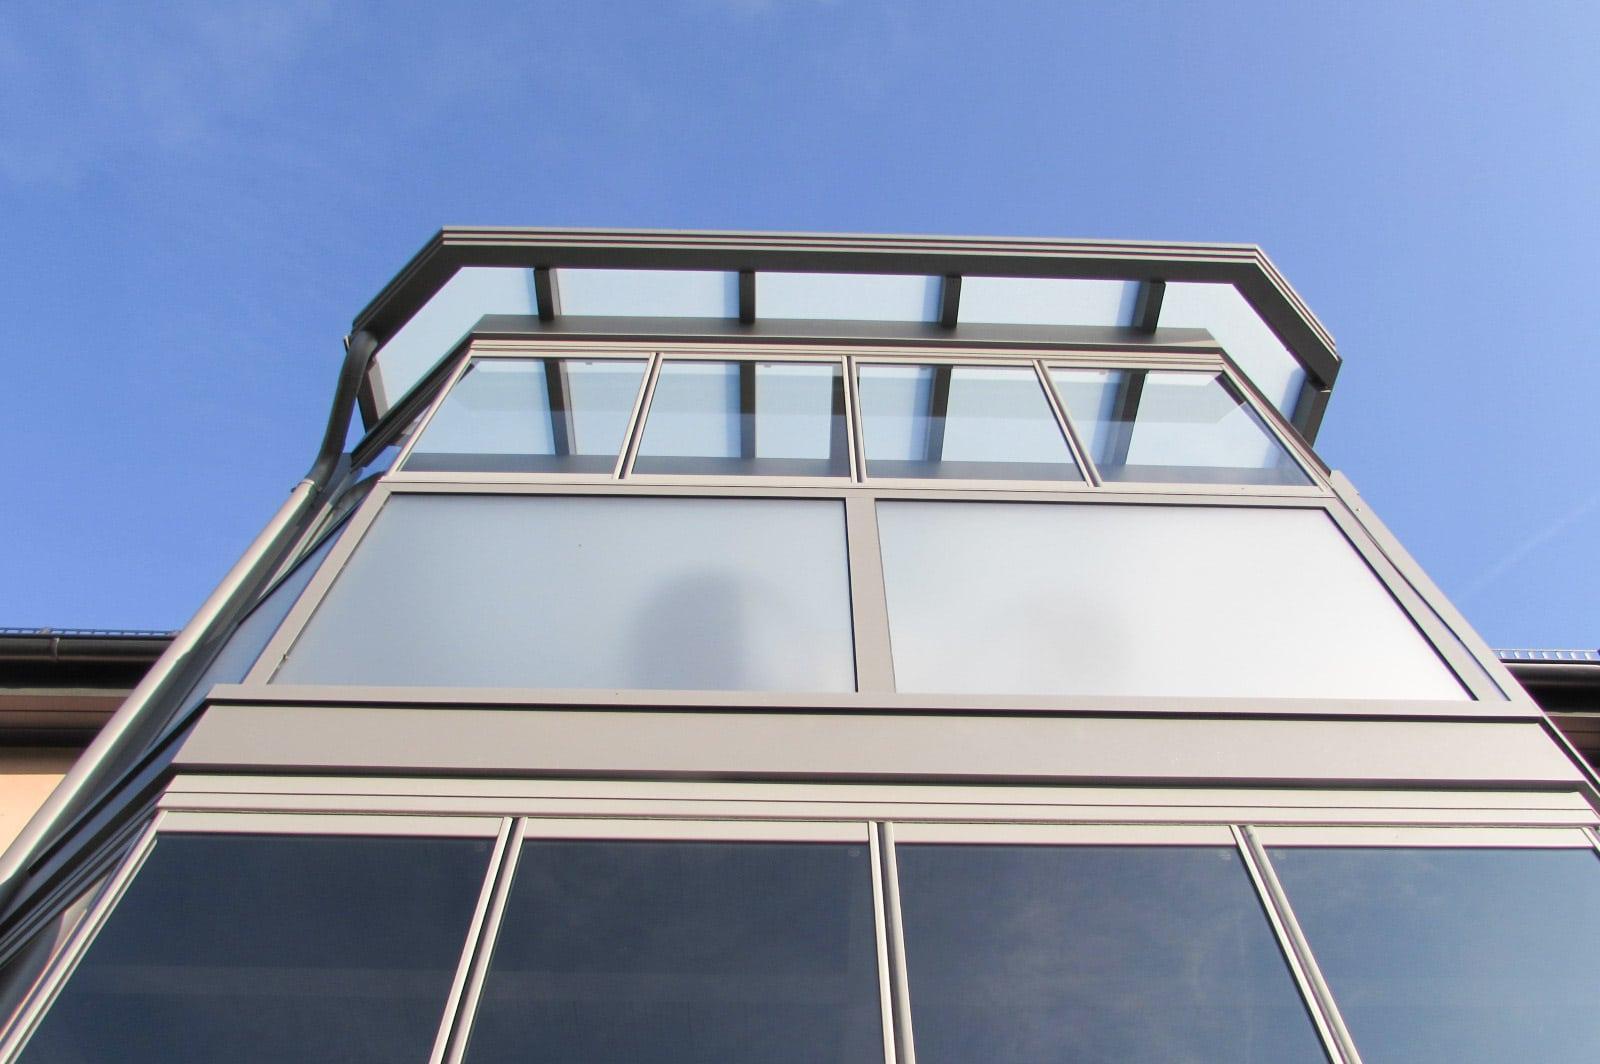 Sommergarten Alu 15 c | Sommergartenzubau zweistöckig, Fixverglasung & öffenbare Elemente | Svoboda